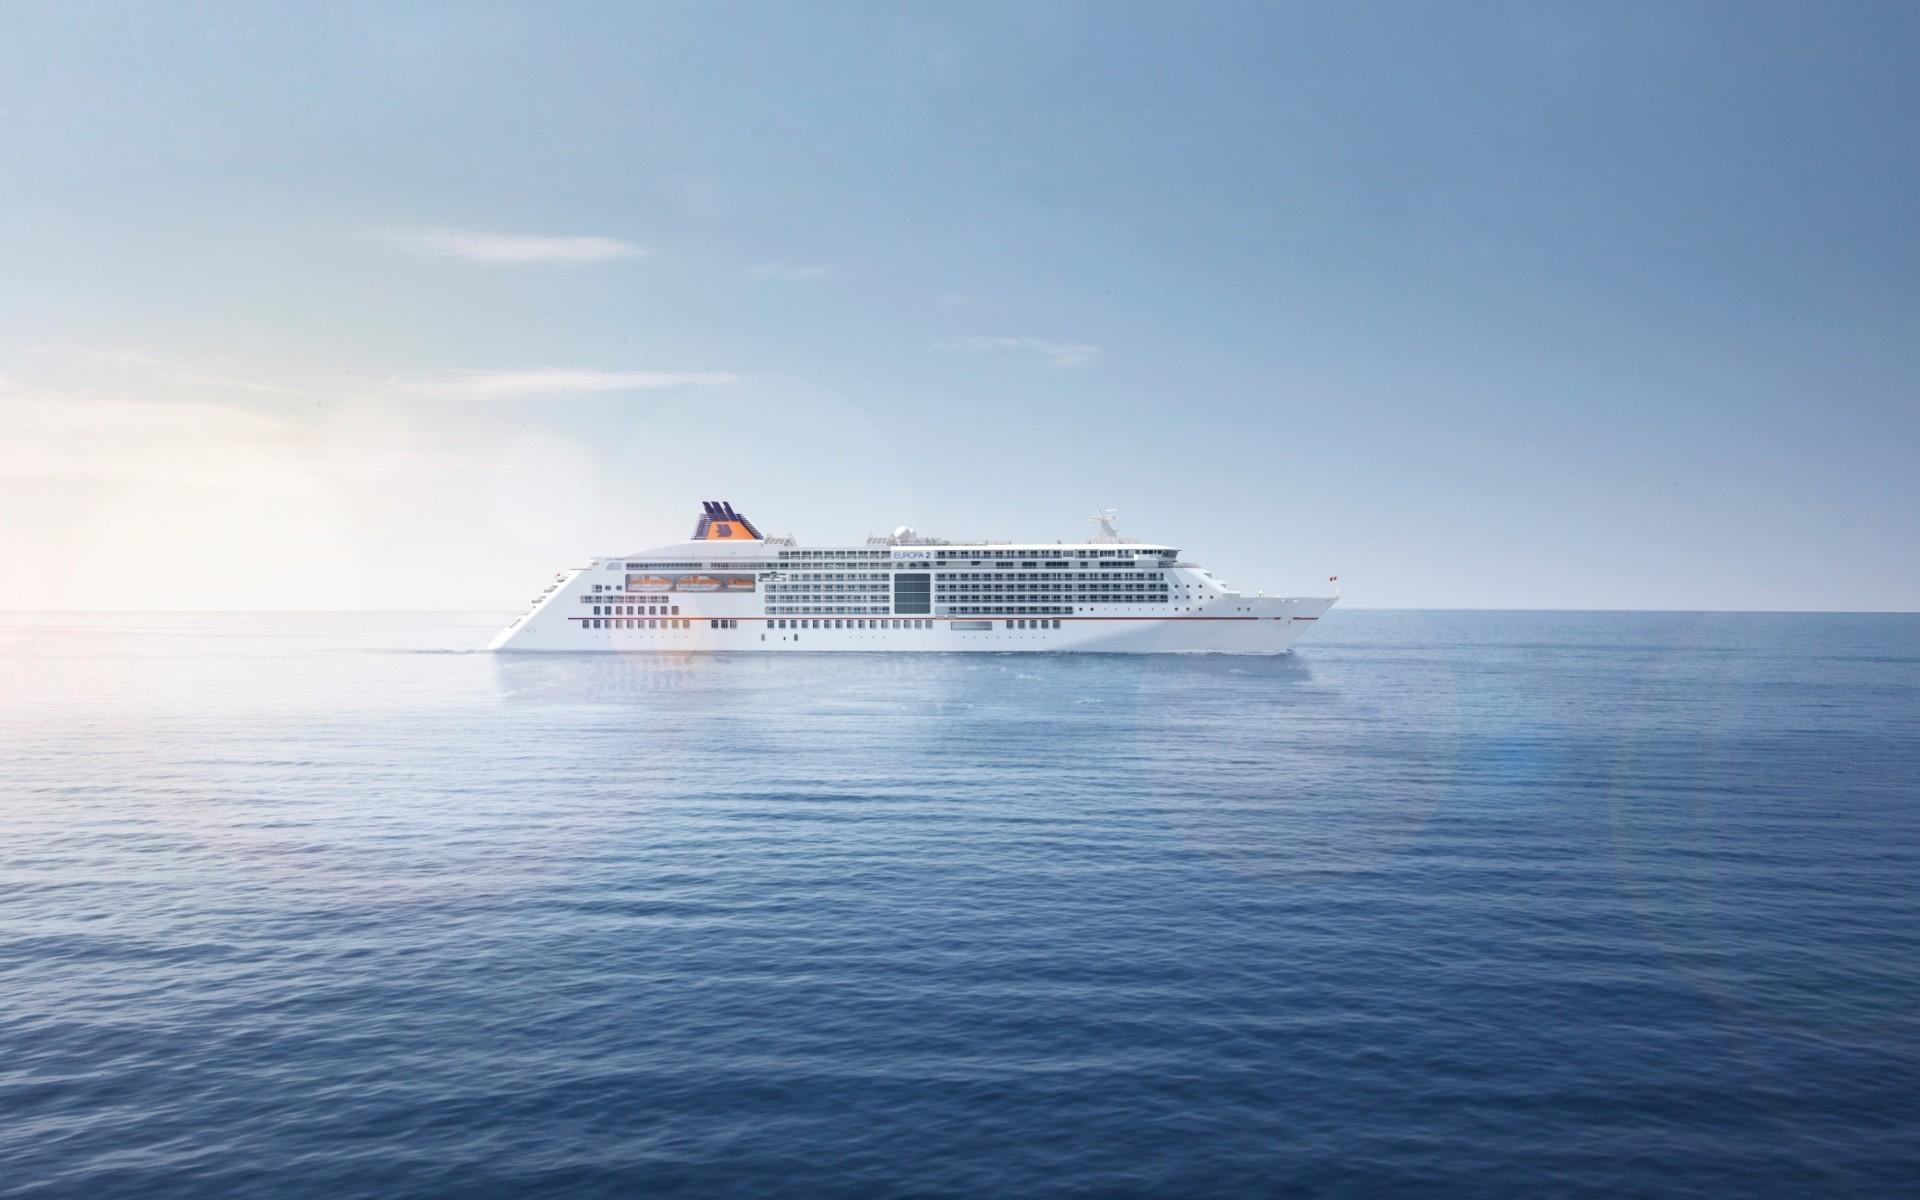 выпущенная гладкоствольного картинки кораблей в океане подходящий